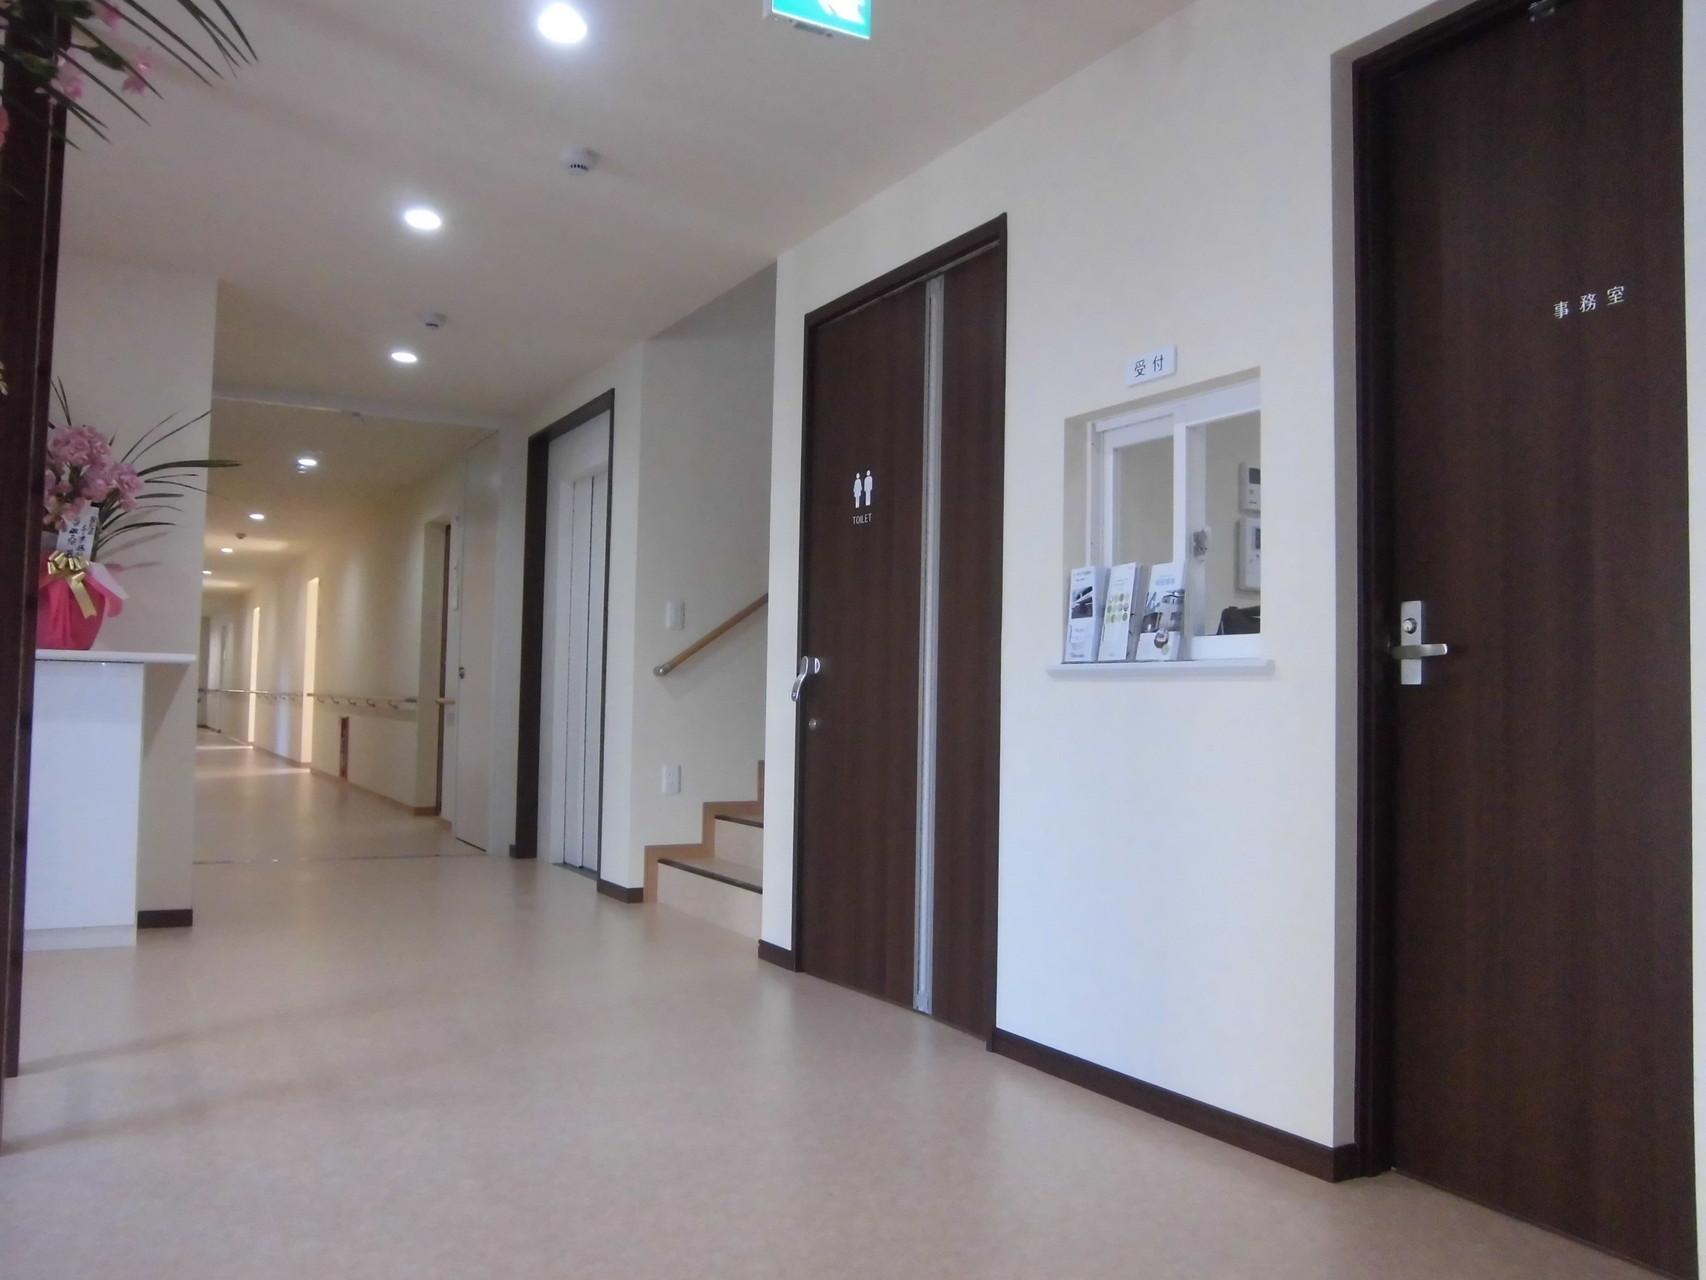 玄関ホール~廊下(手前から事務室、共有トイレ、階段、エレベーター、居室と並ぶ)